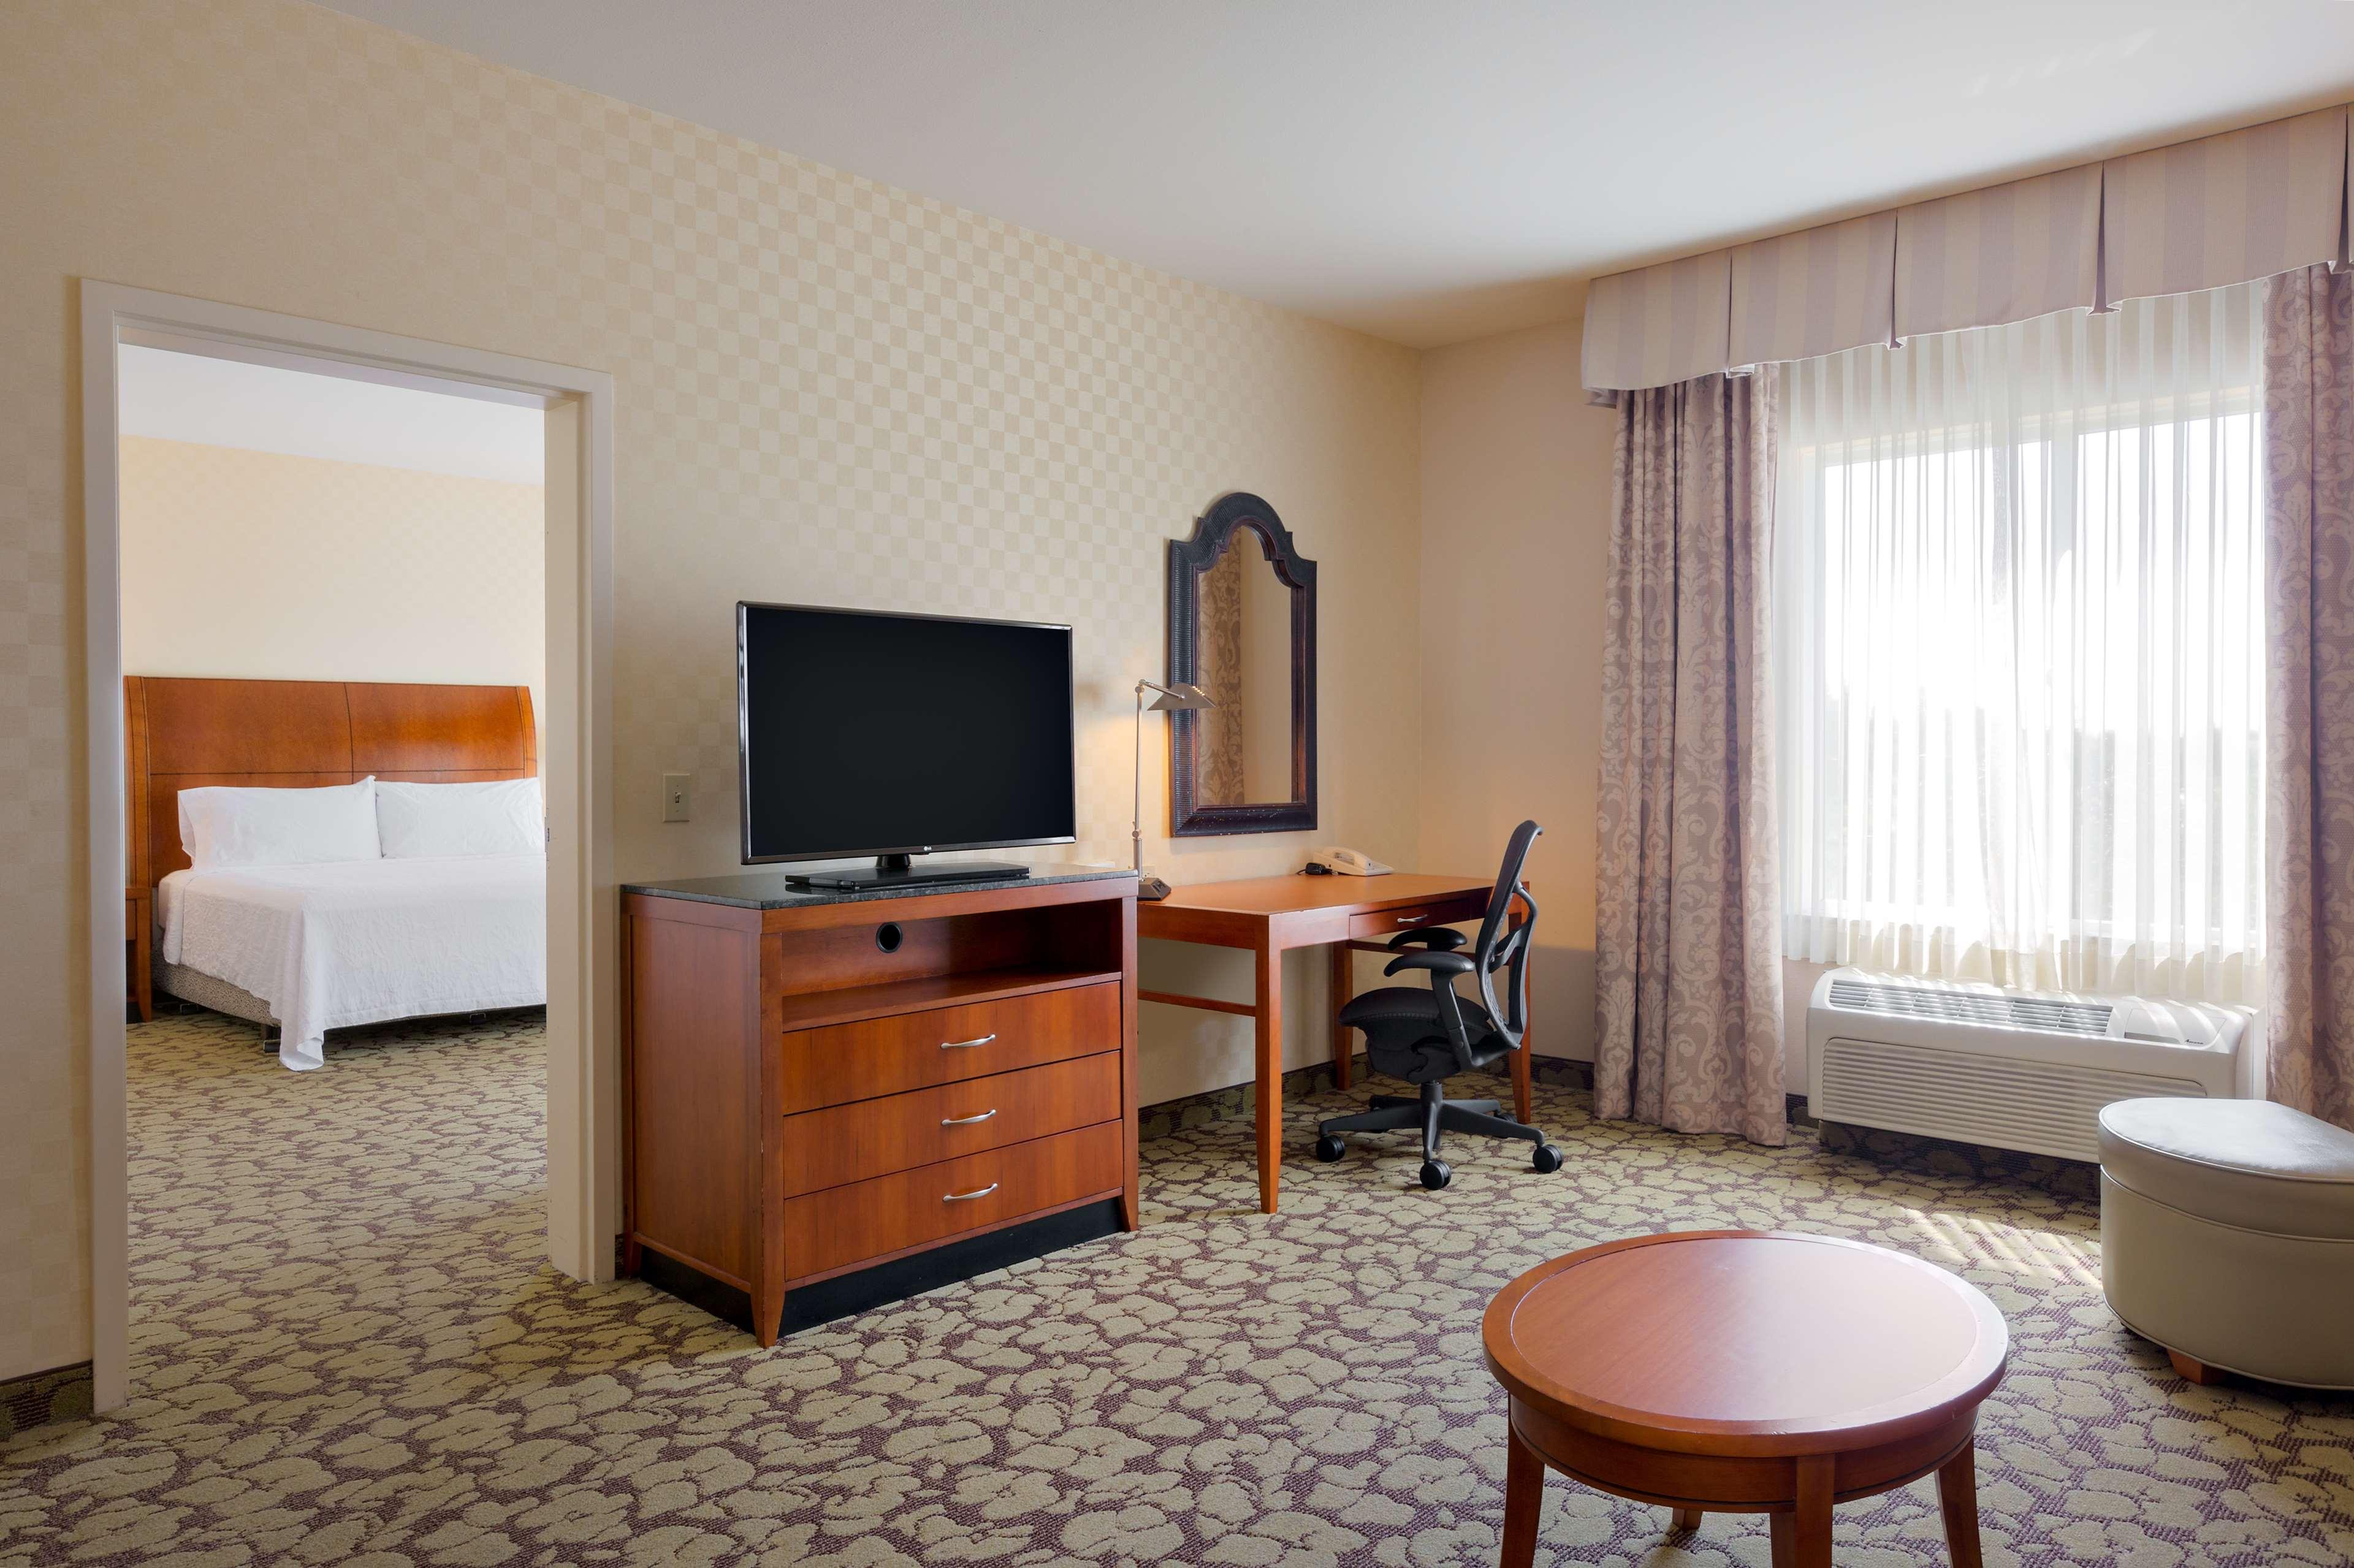 Hilton Garden Inn Sacramento Elk Grove image 19